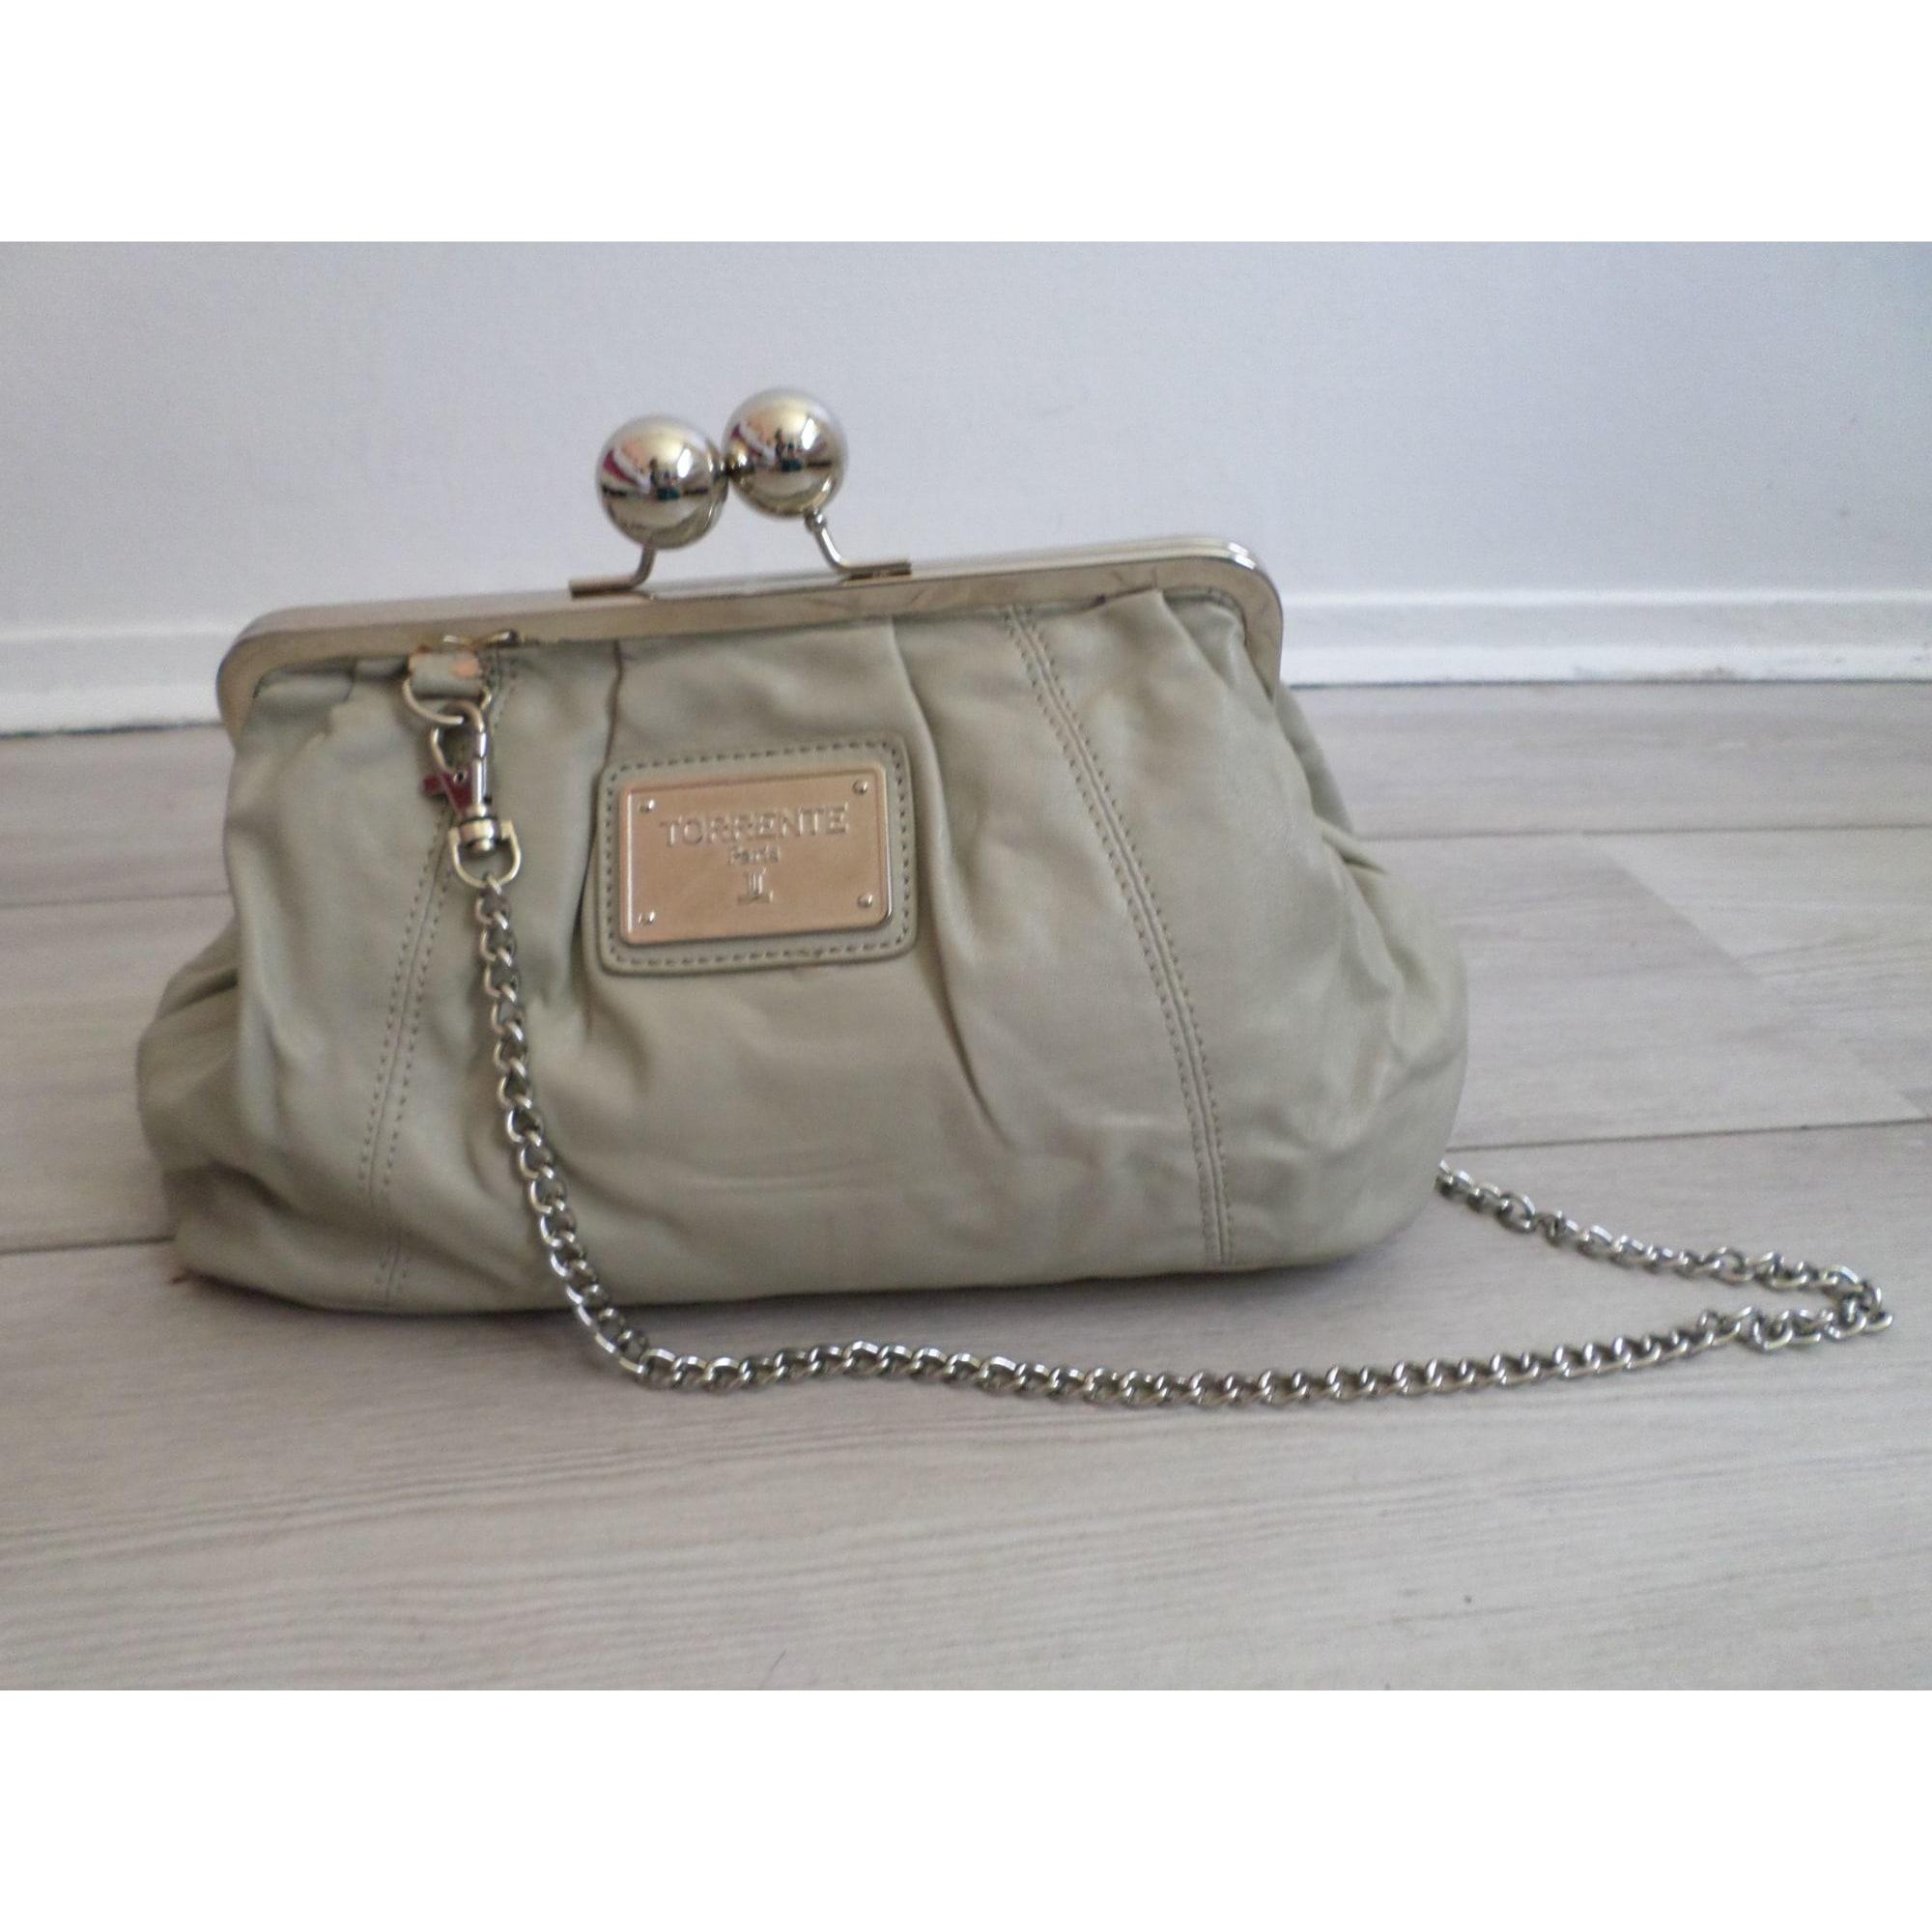 3c847db81e Sac en bandoulière en cuir TORRENTE gris vendu par Nani - 7891545